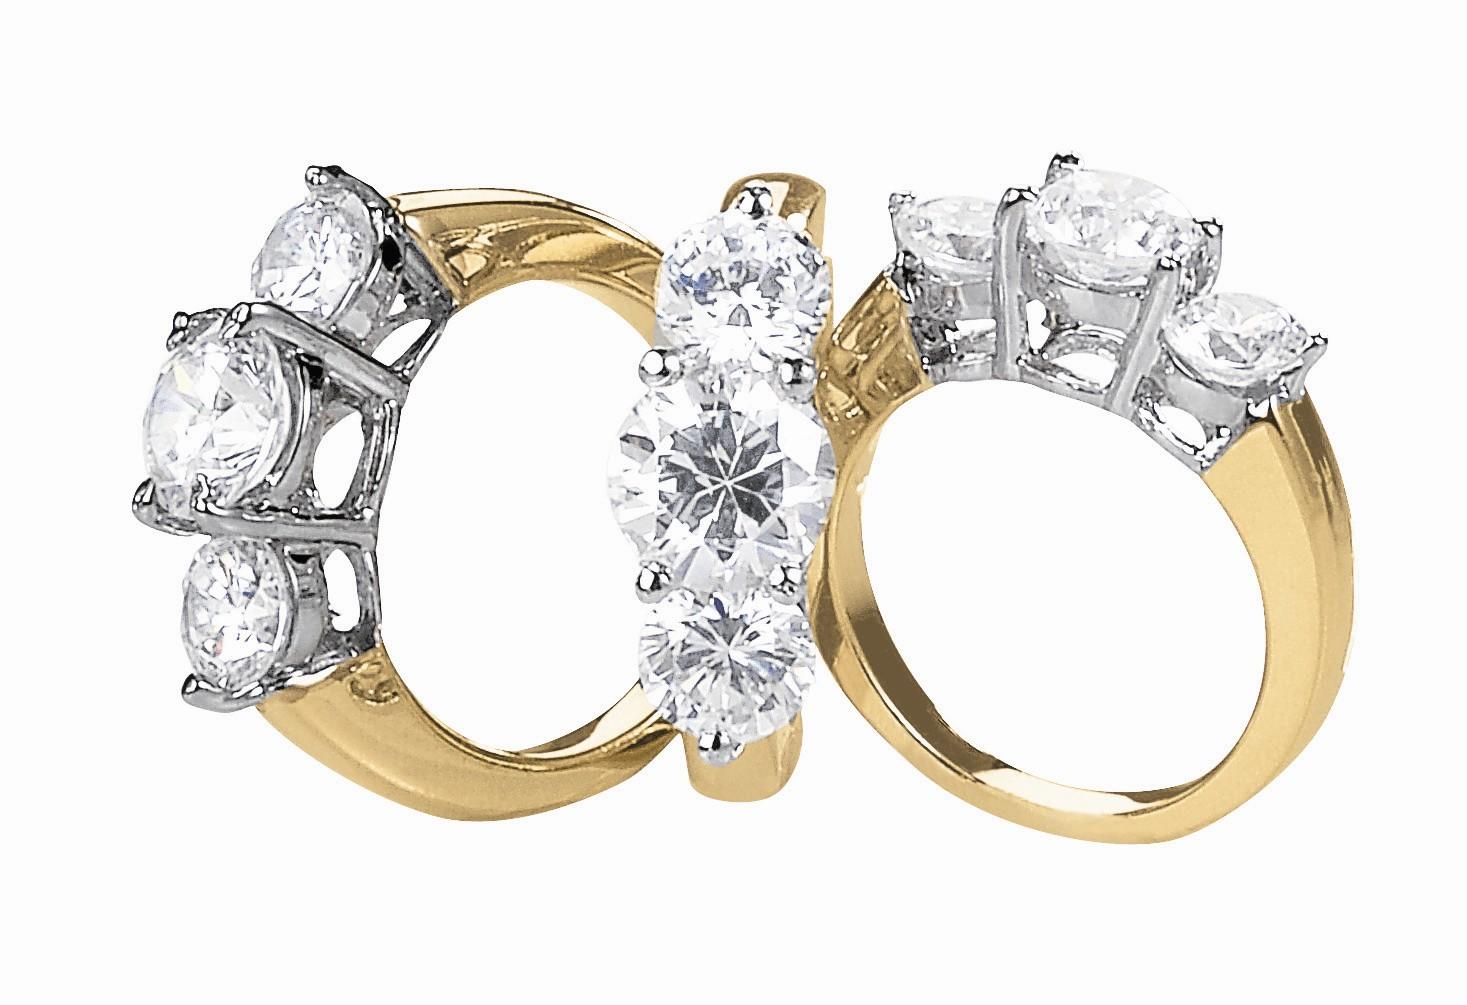 Berlian diyakini sebagai perlambang kesucian, dan mampu memberi